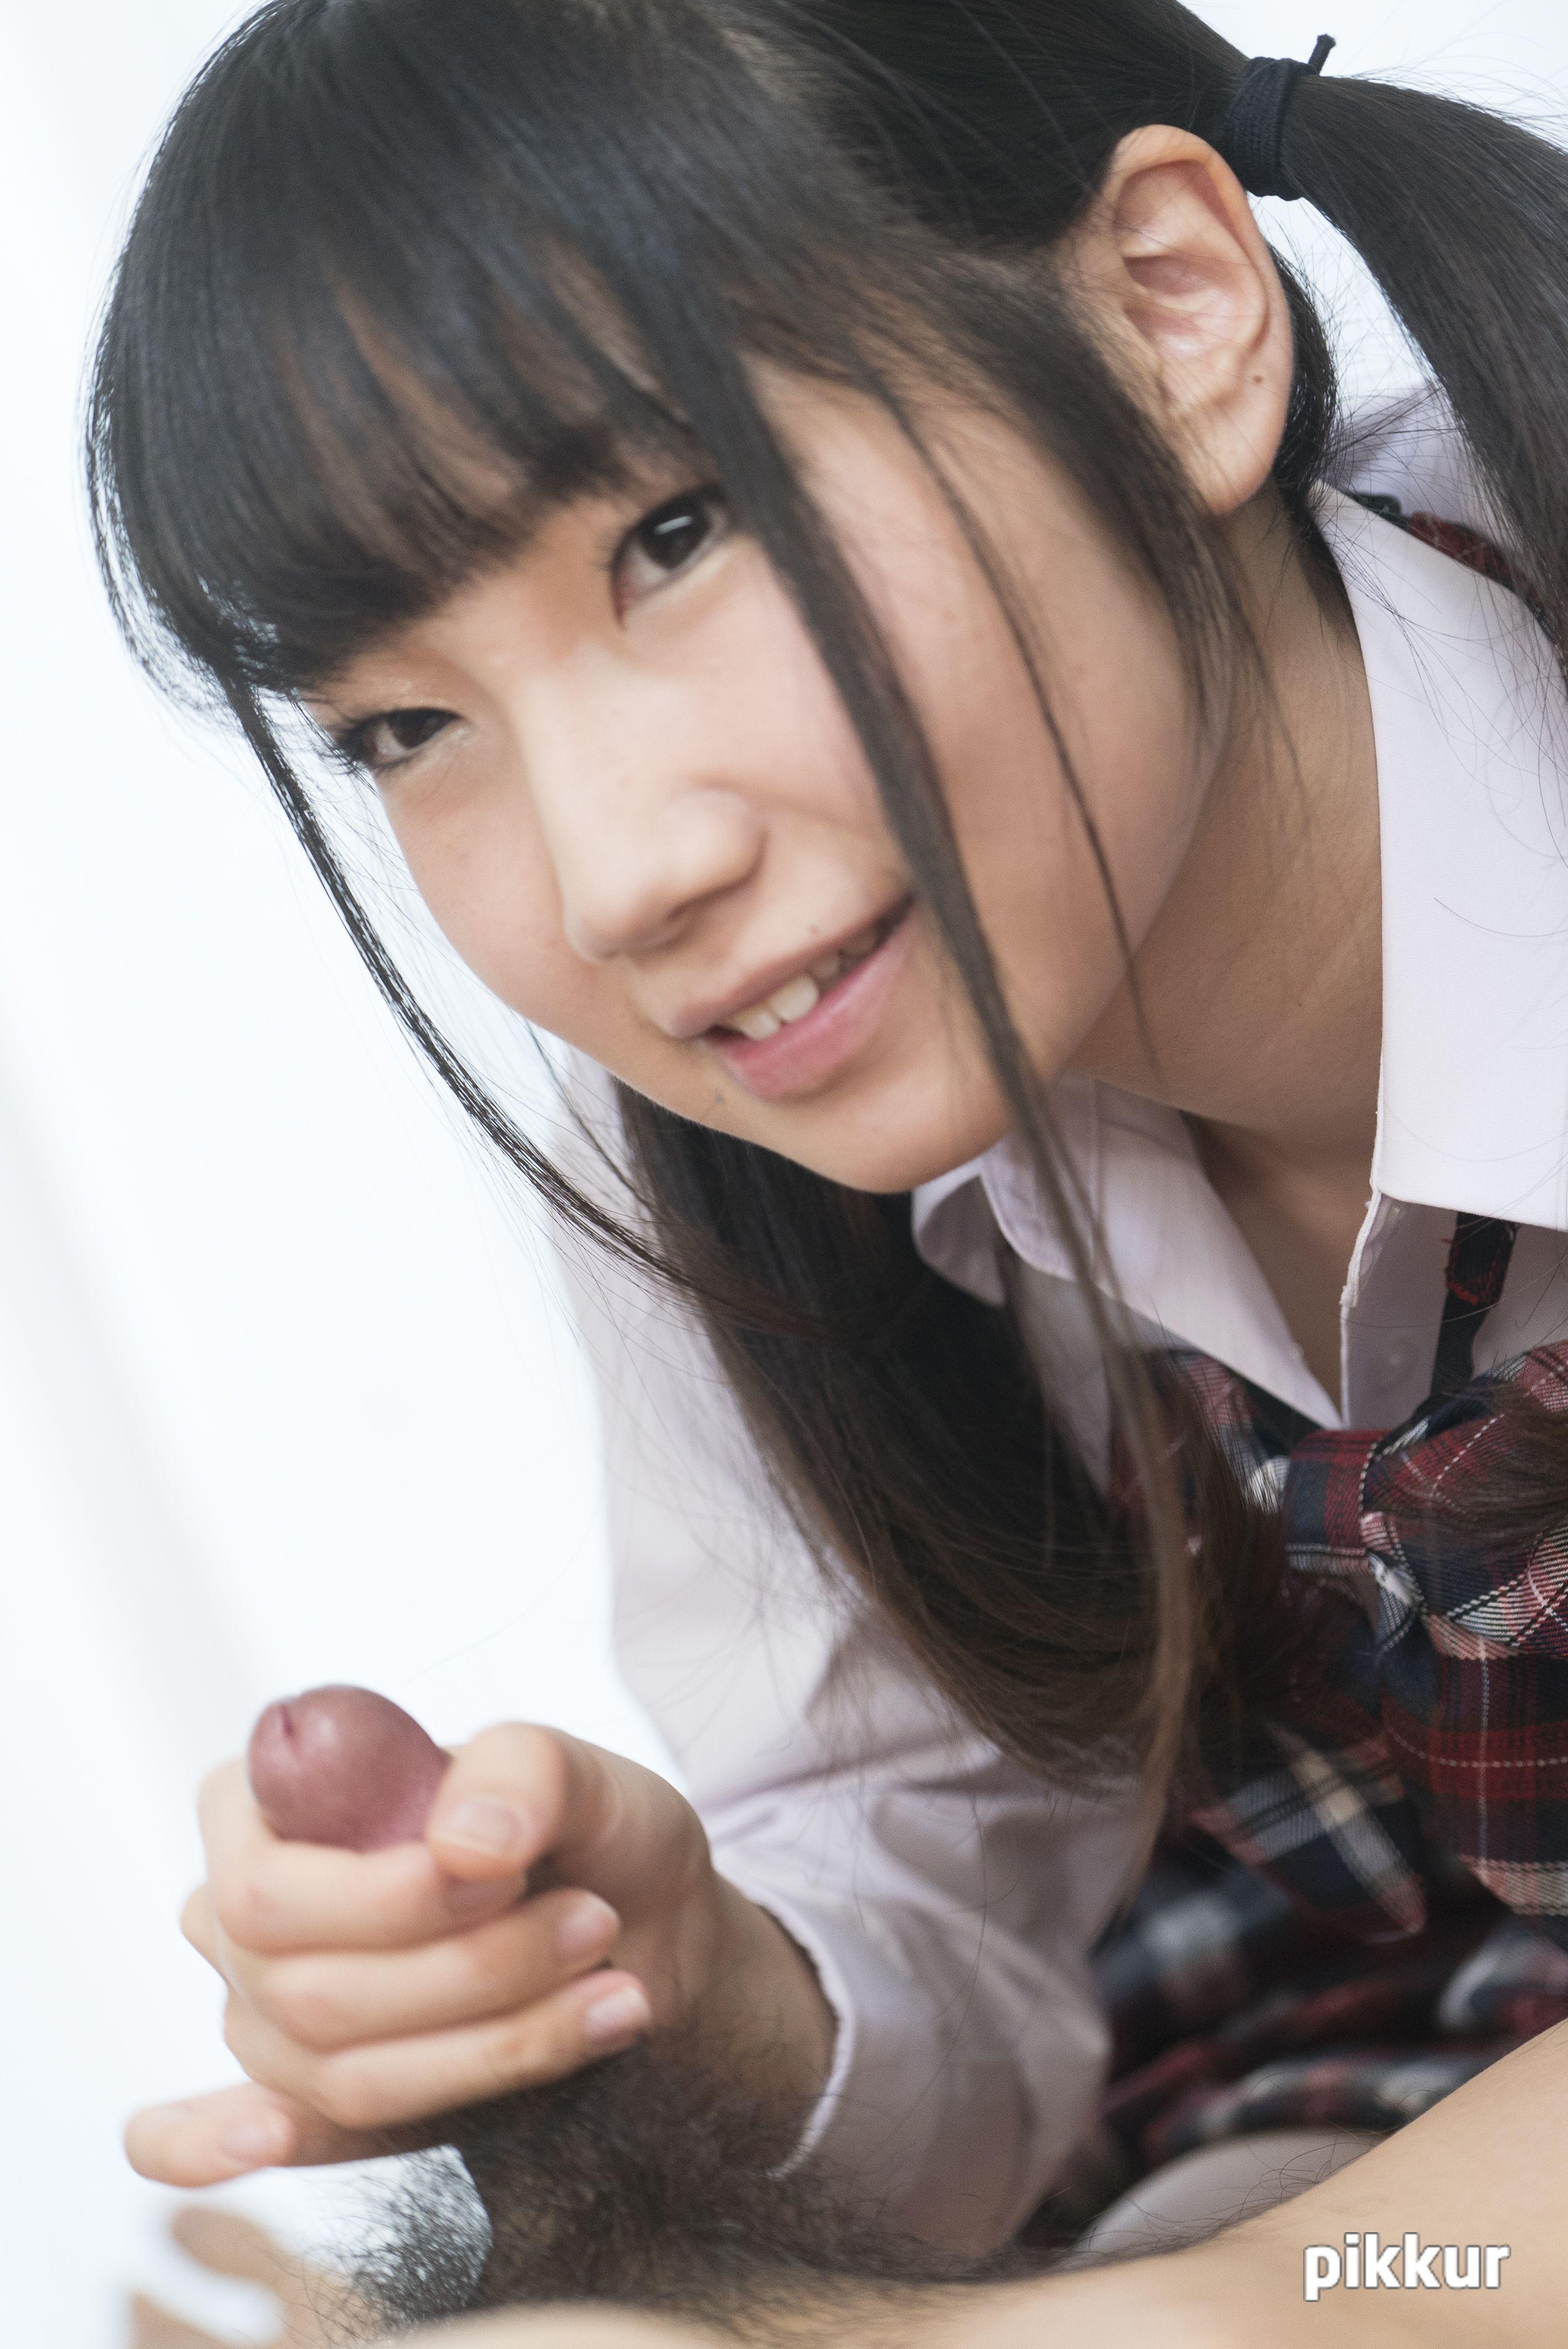 縦型動画 040 〜亀頭にキスする可愛いフェラ〜 今村加奈子 05